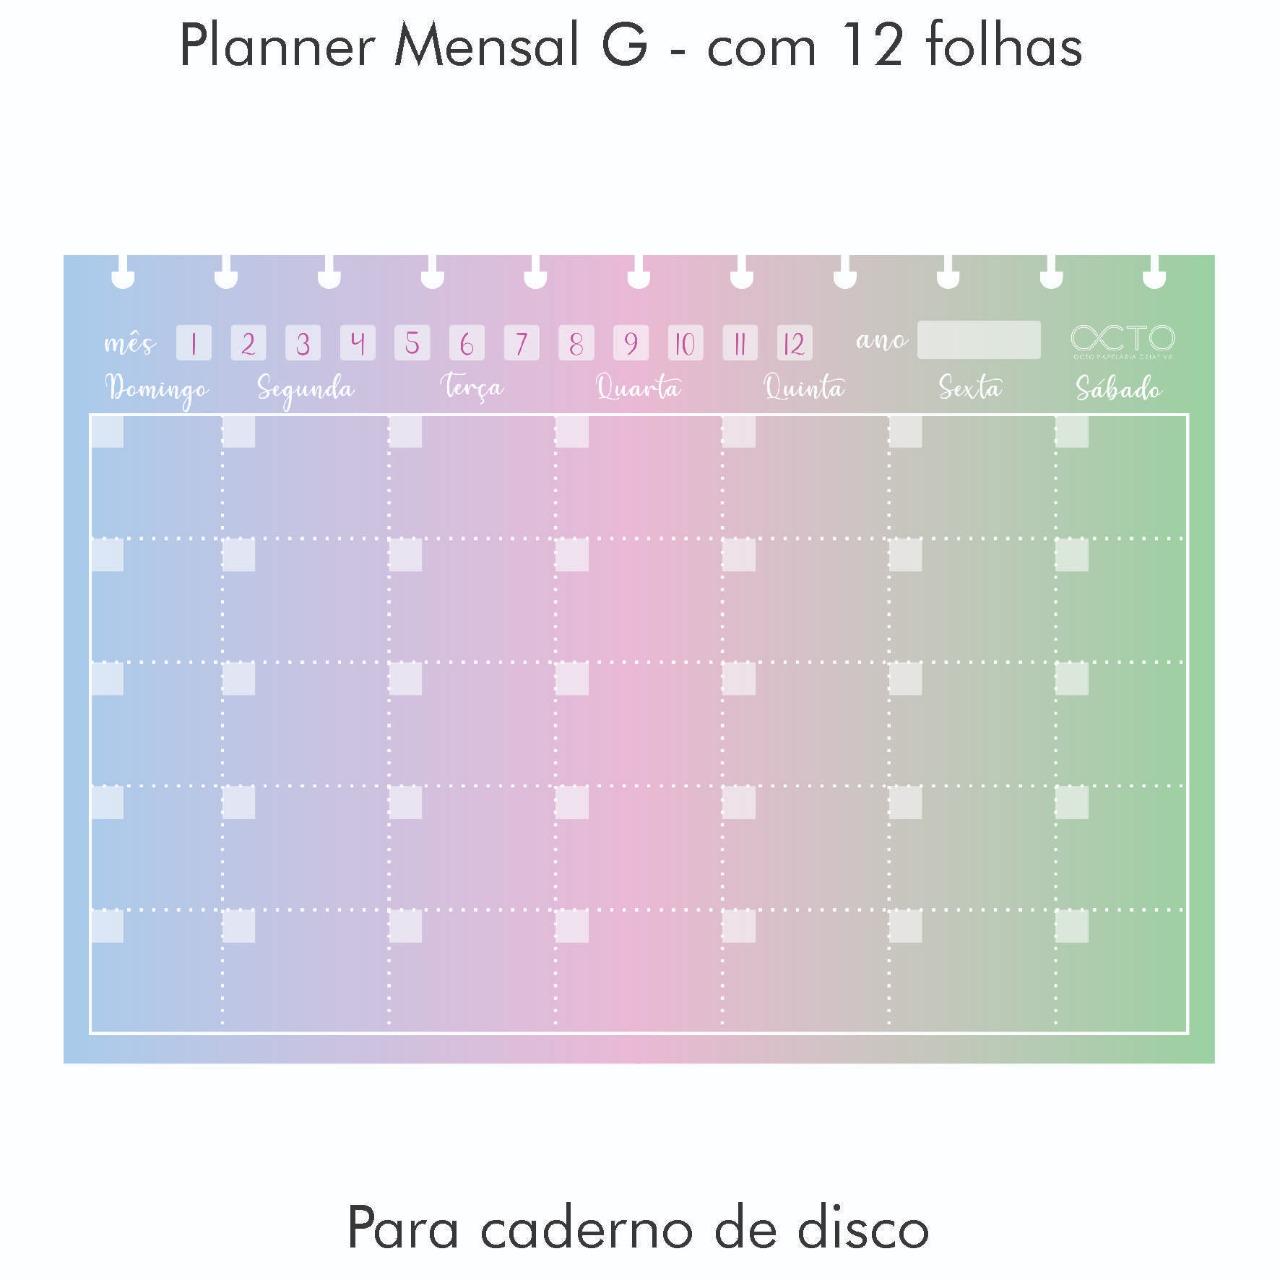 Refil Caderno de Disco Universitário - OCTO - Planner Mensal Colors